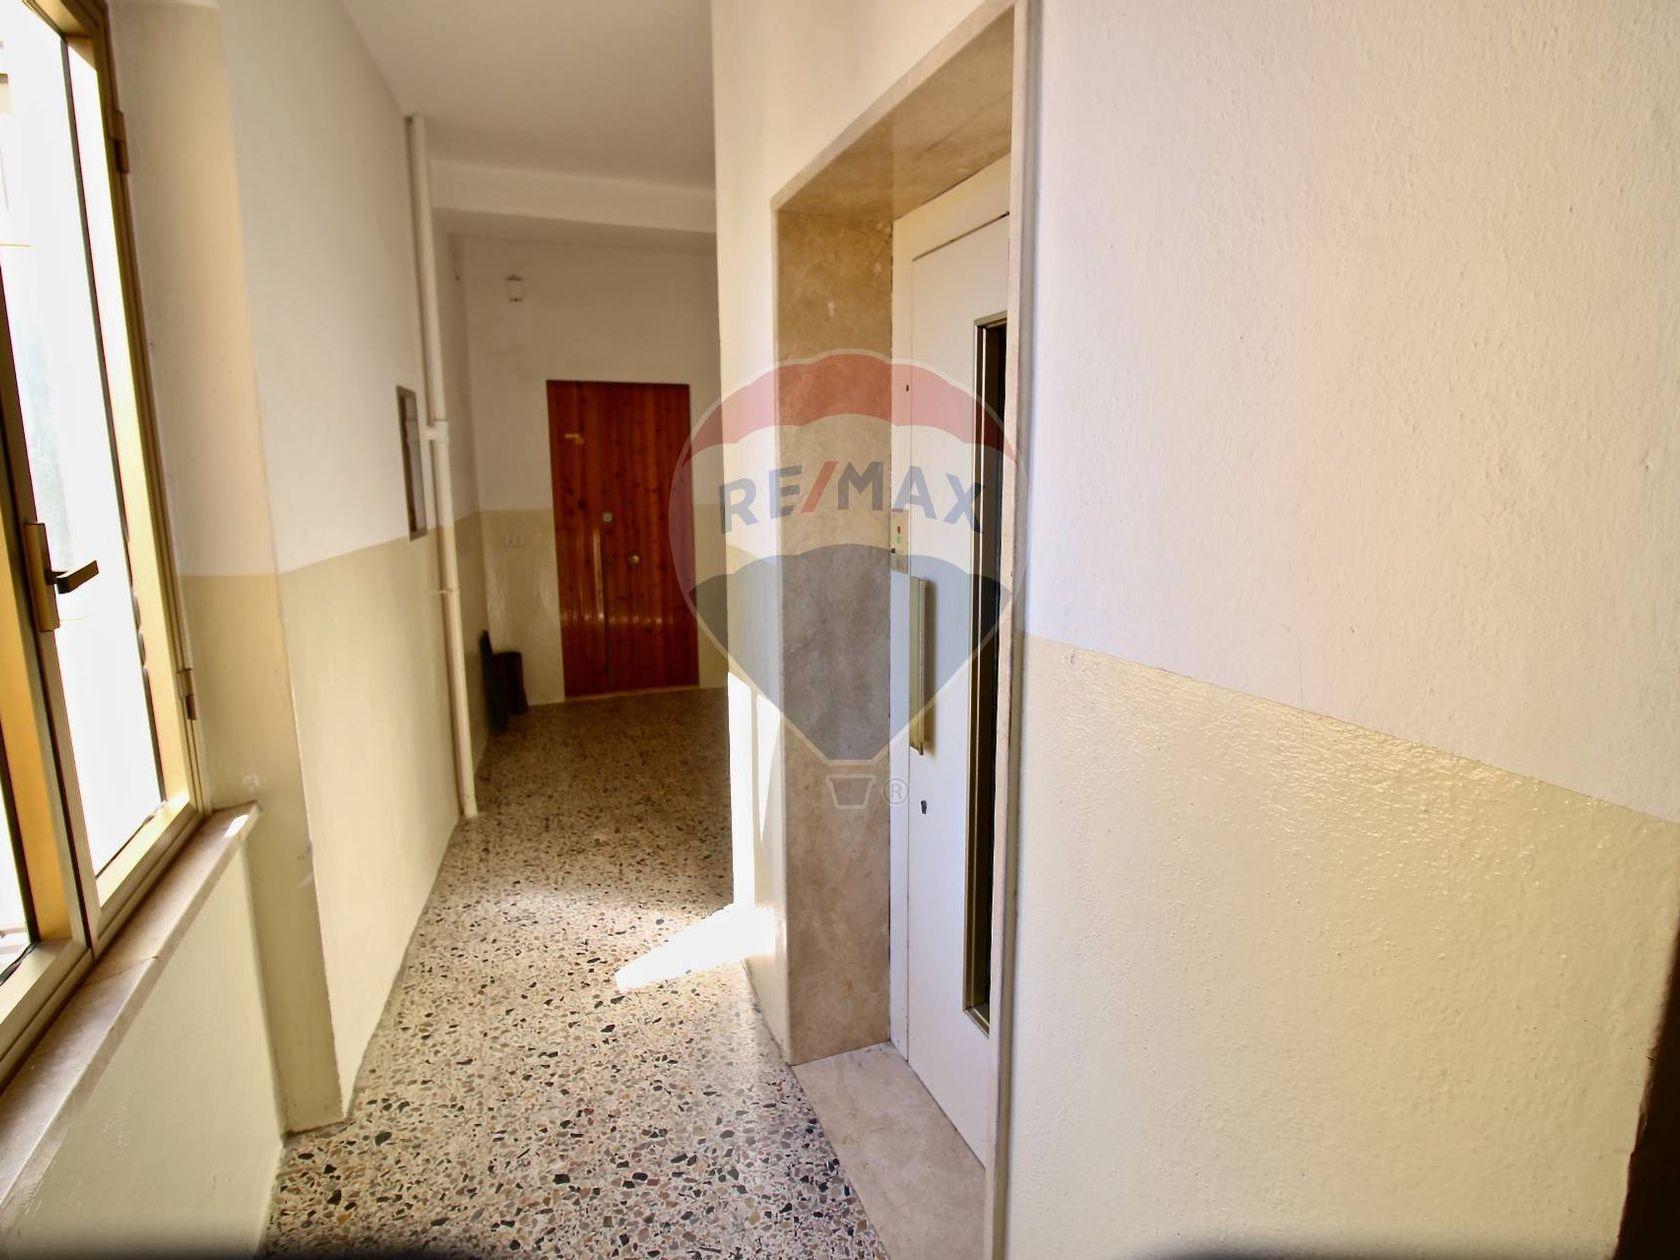 Appartamento Centro, Nuoro, NU Vendita - Foto 4